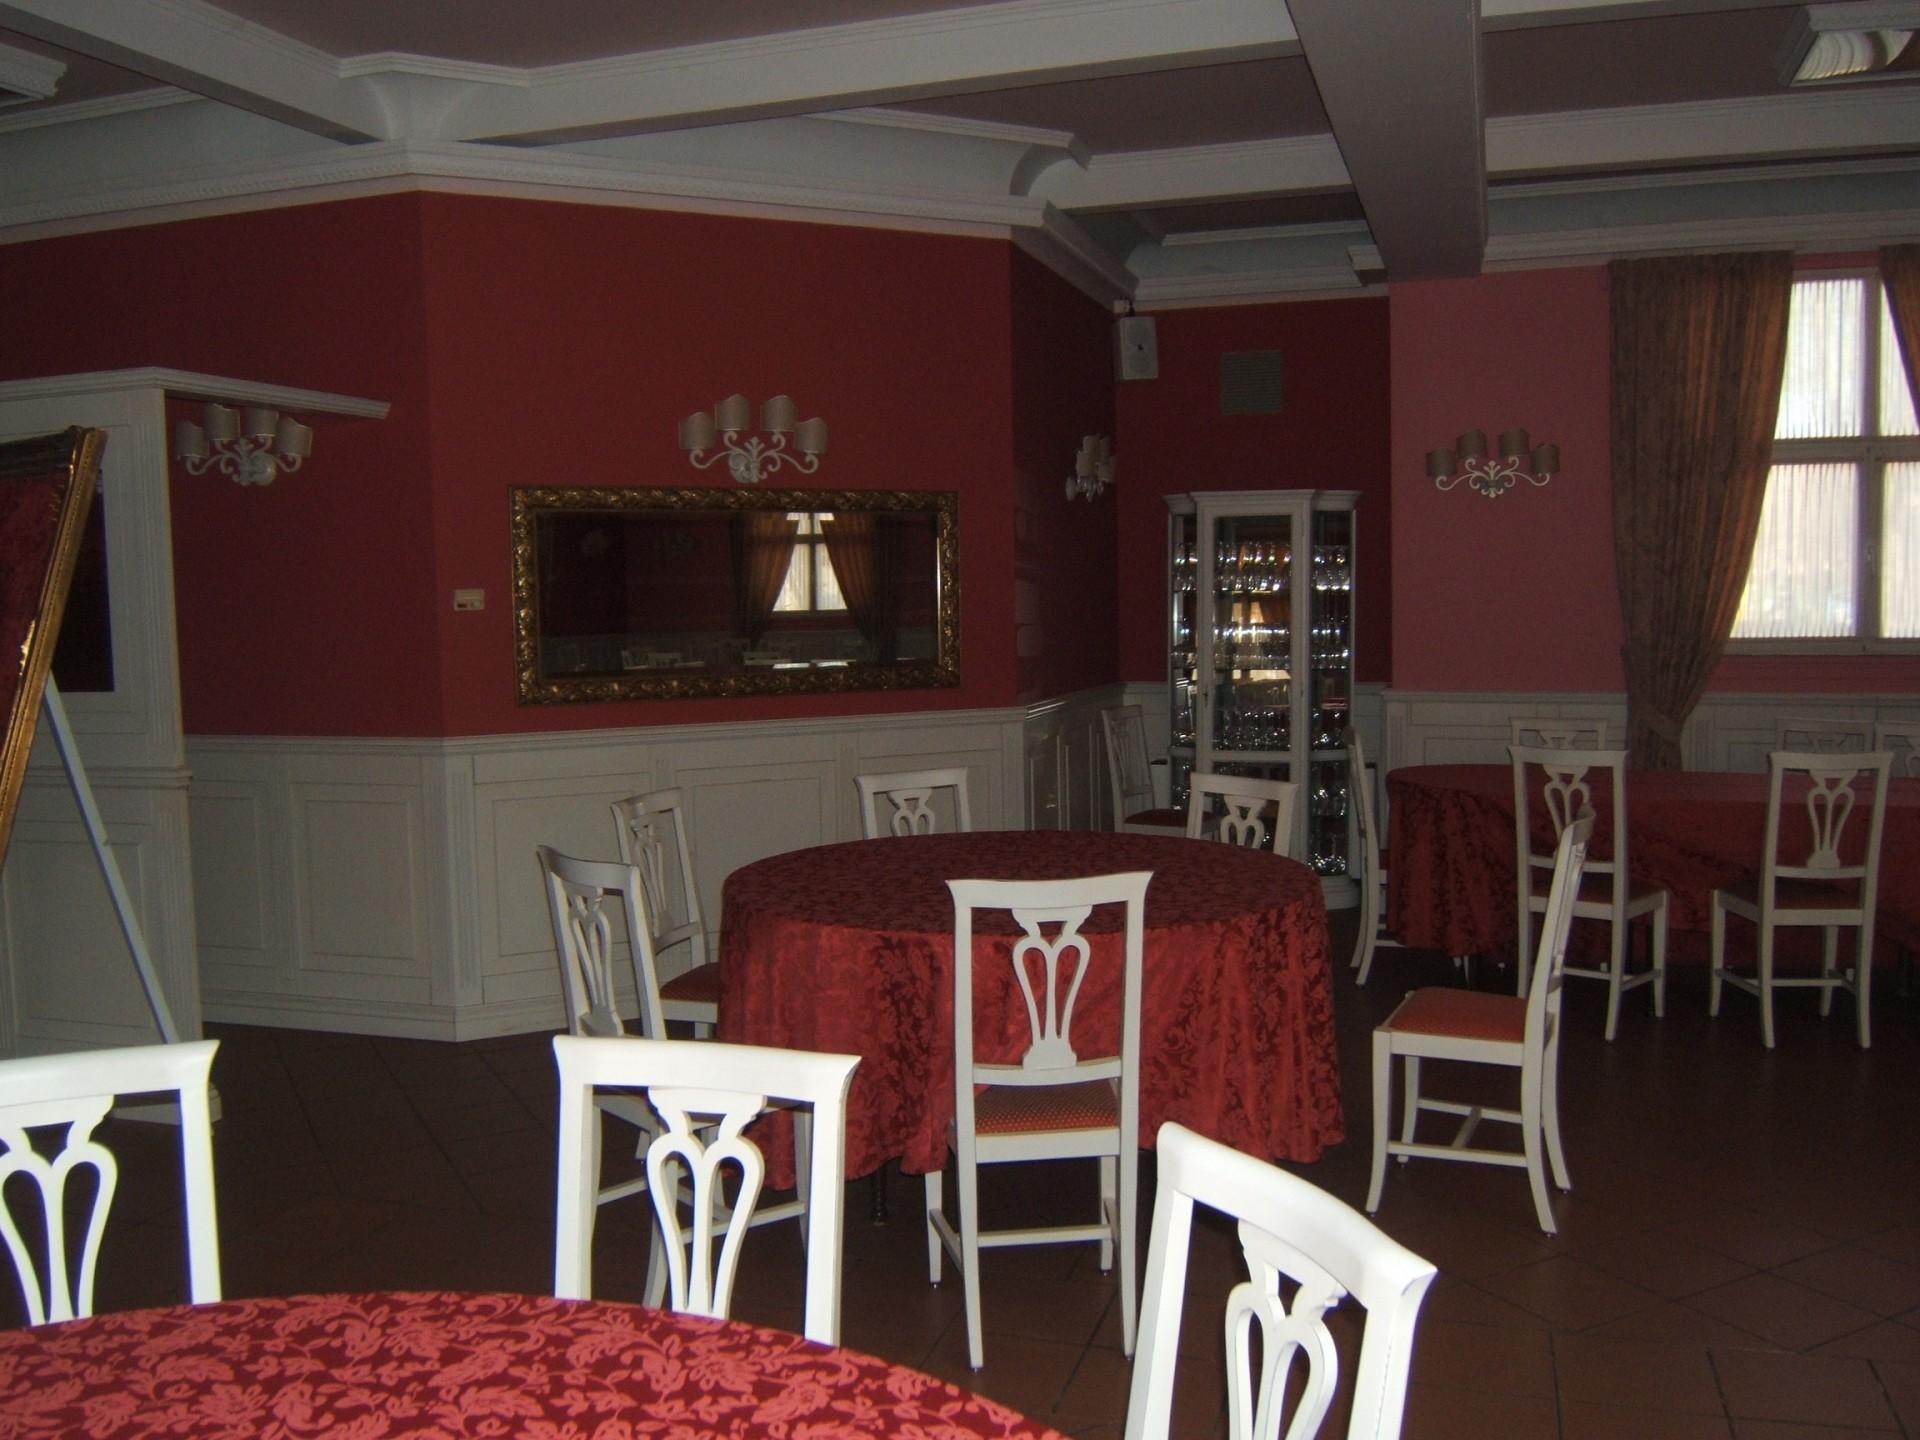 Arredamento per sala ristorante fadini mobili cerea verona for Arredatore milano